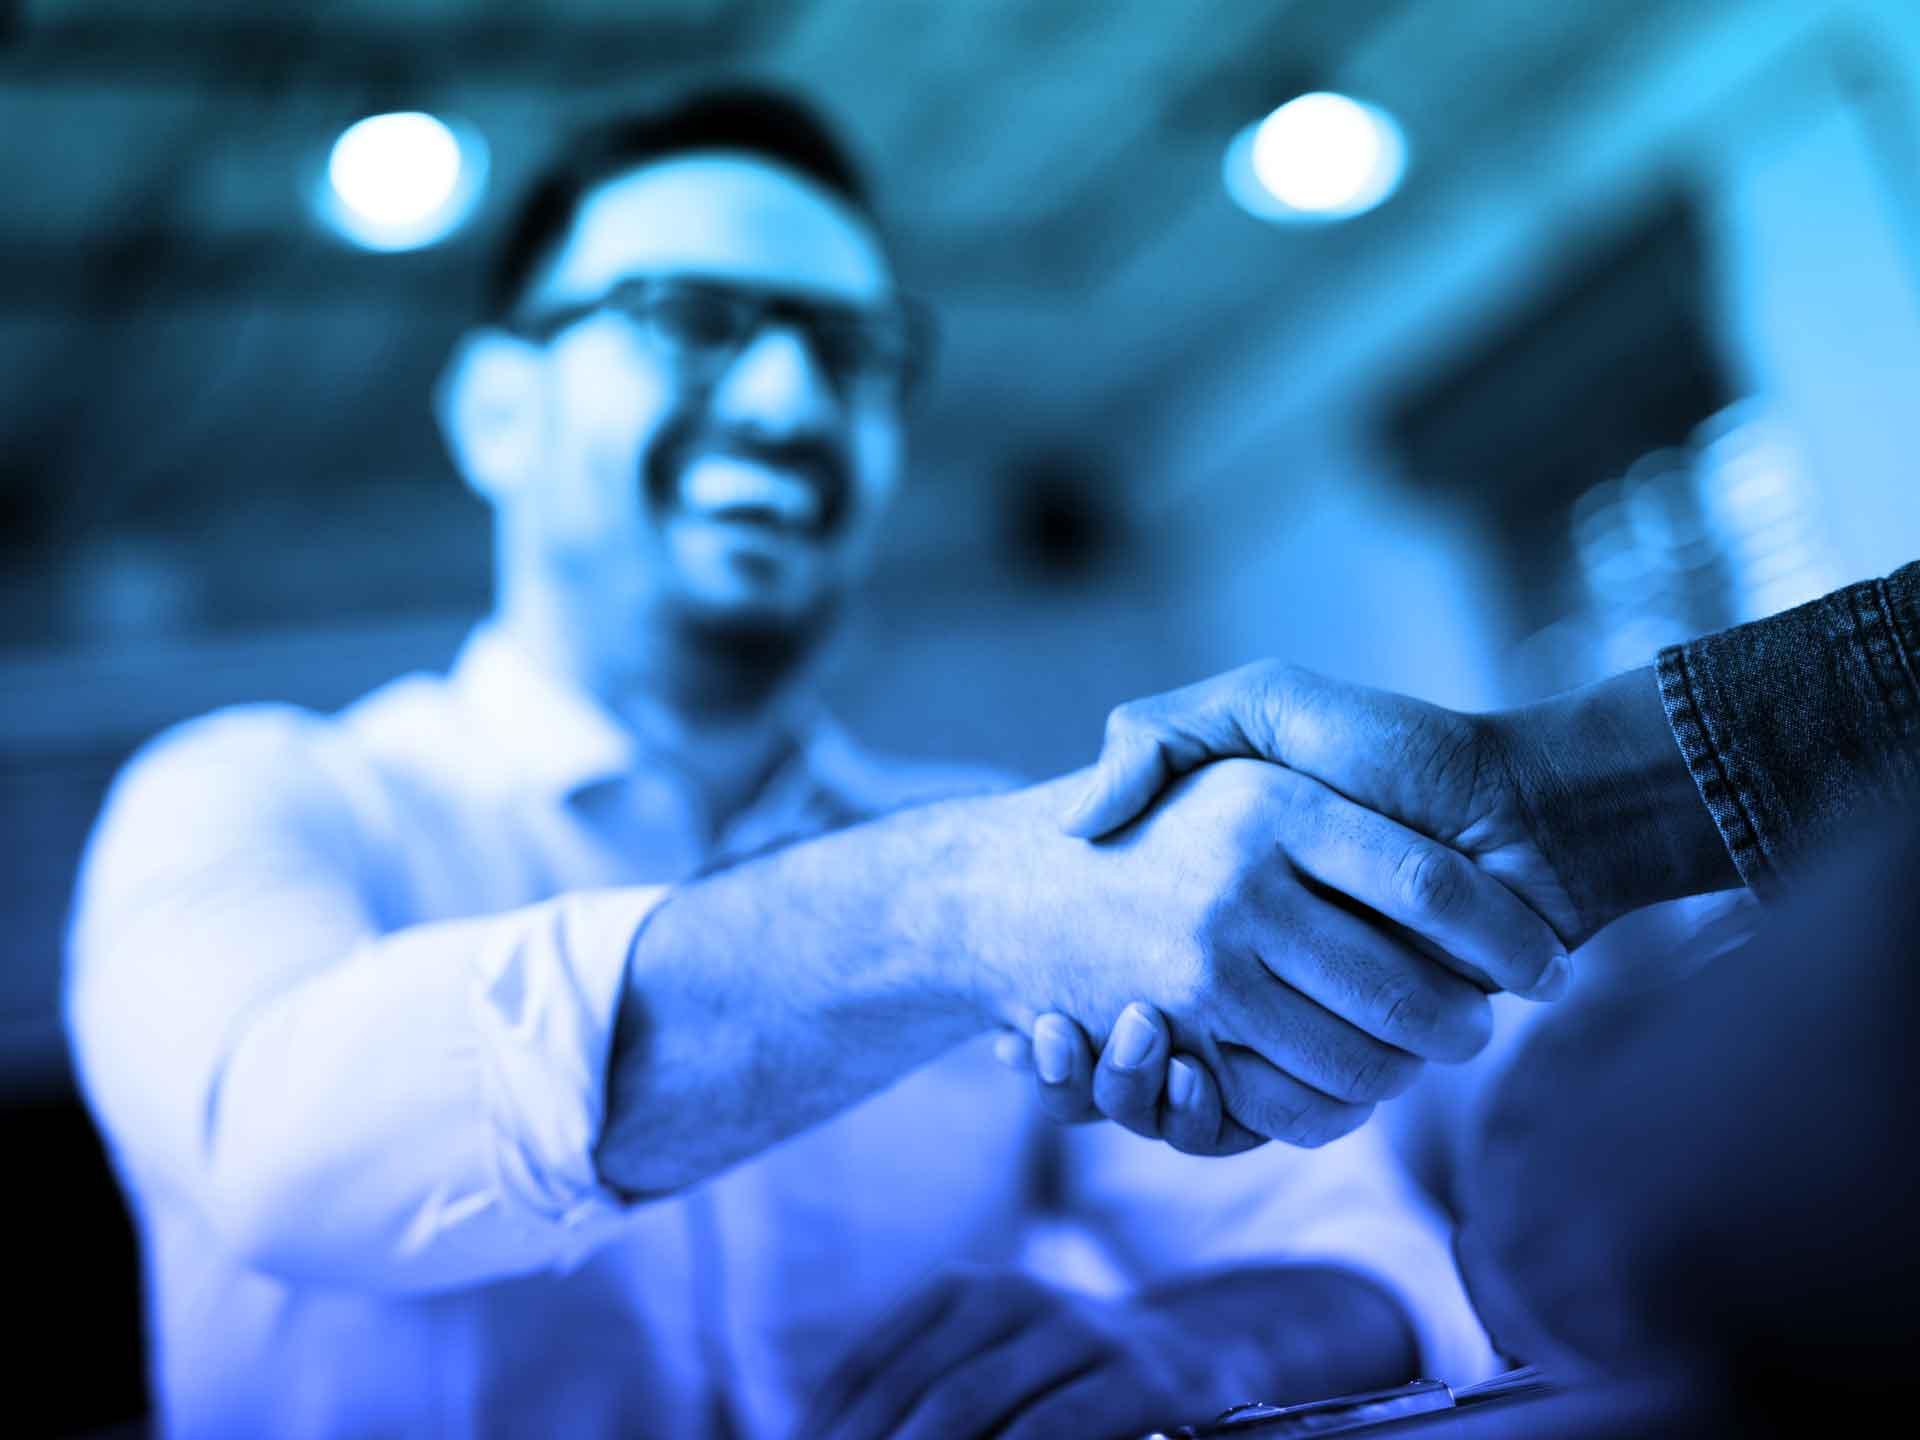 Discrete Manufacturing für ein optimales Kundenerlebnis